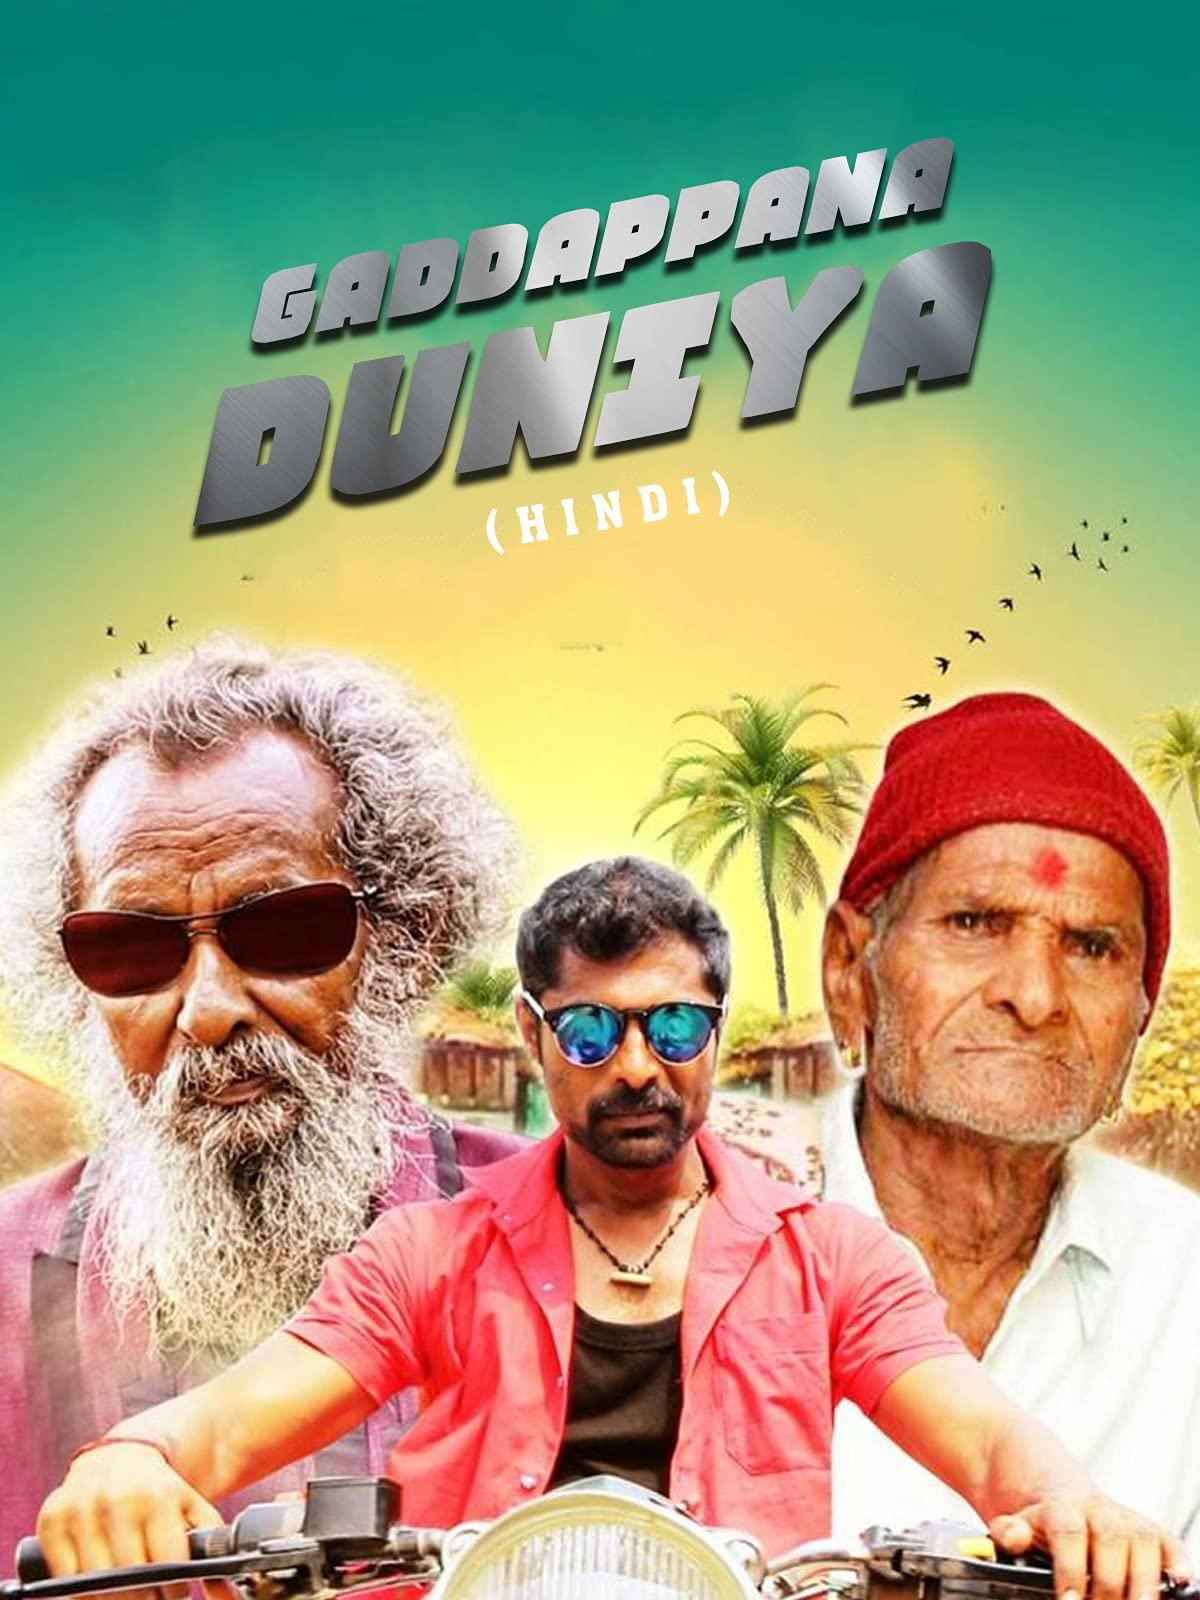 Gaddappana Duniya (Hindi)